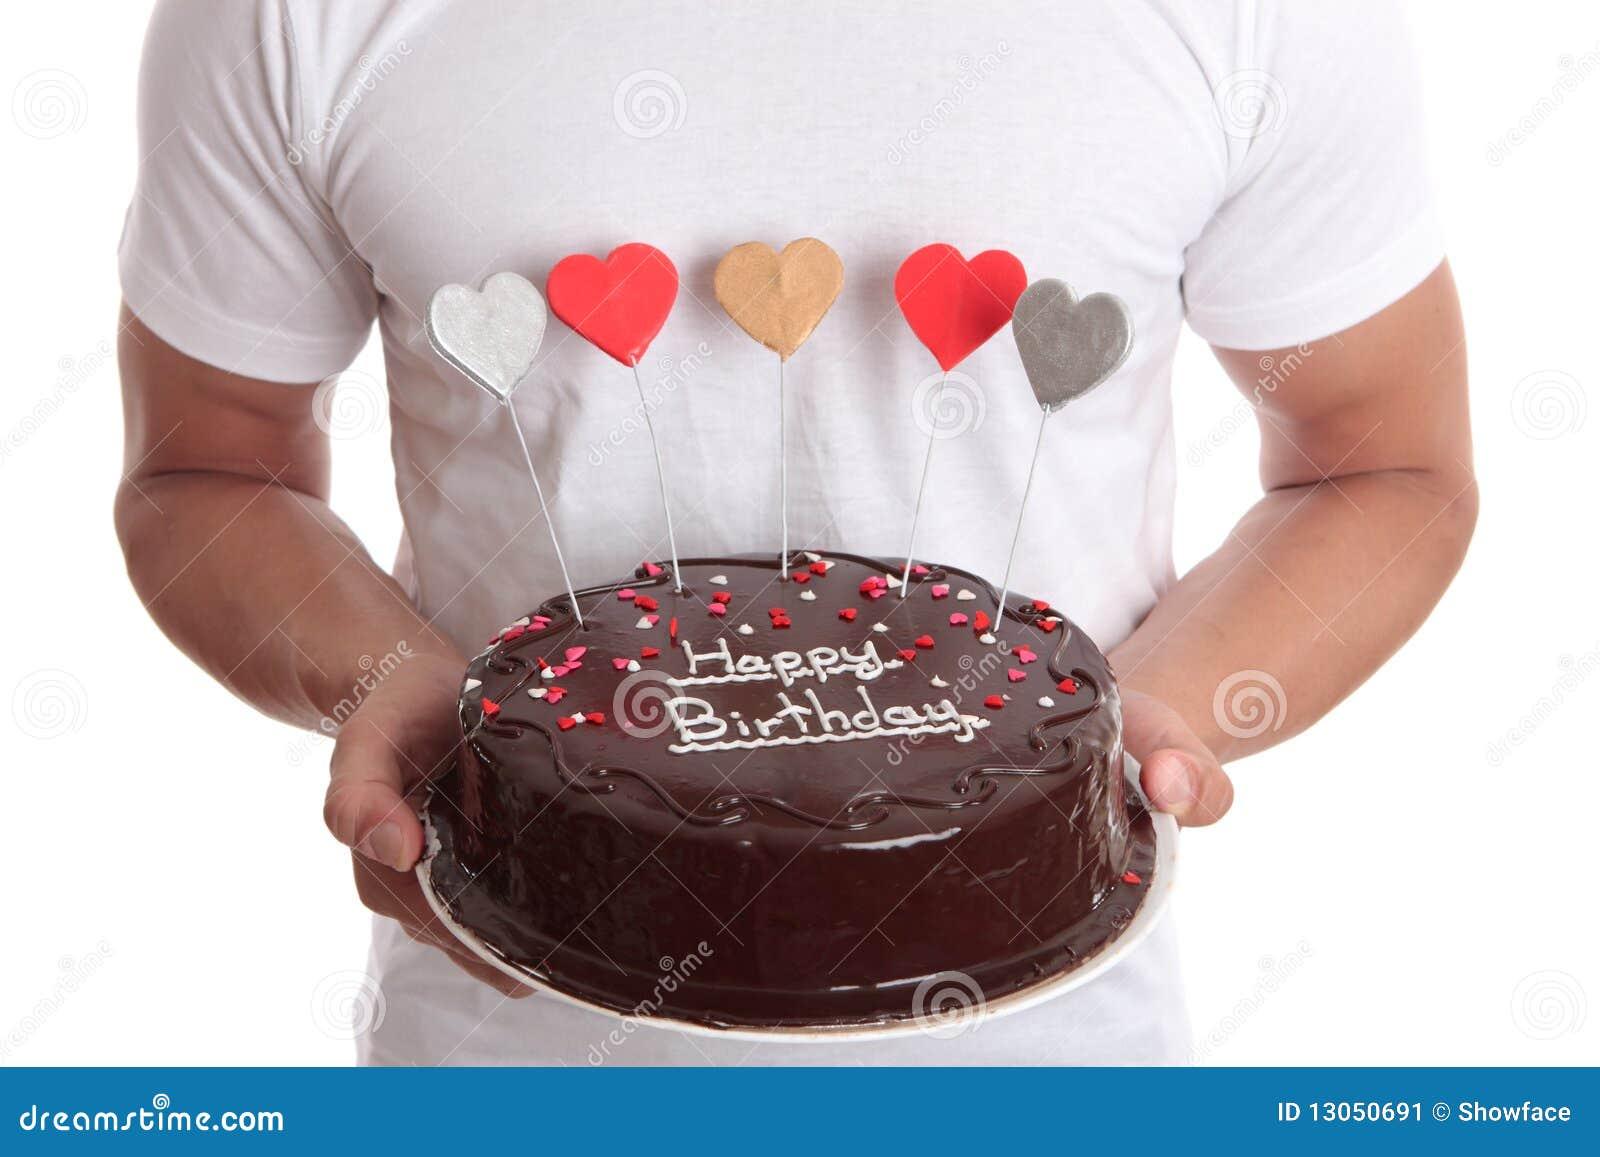 Eccezionale Torta di buon compleanno immagine stock. Immagine di celebrazione  DO95